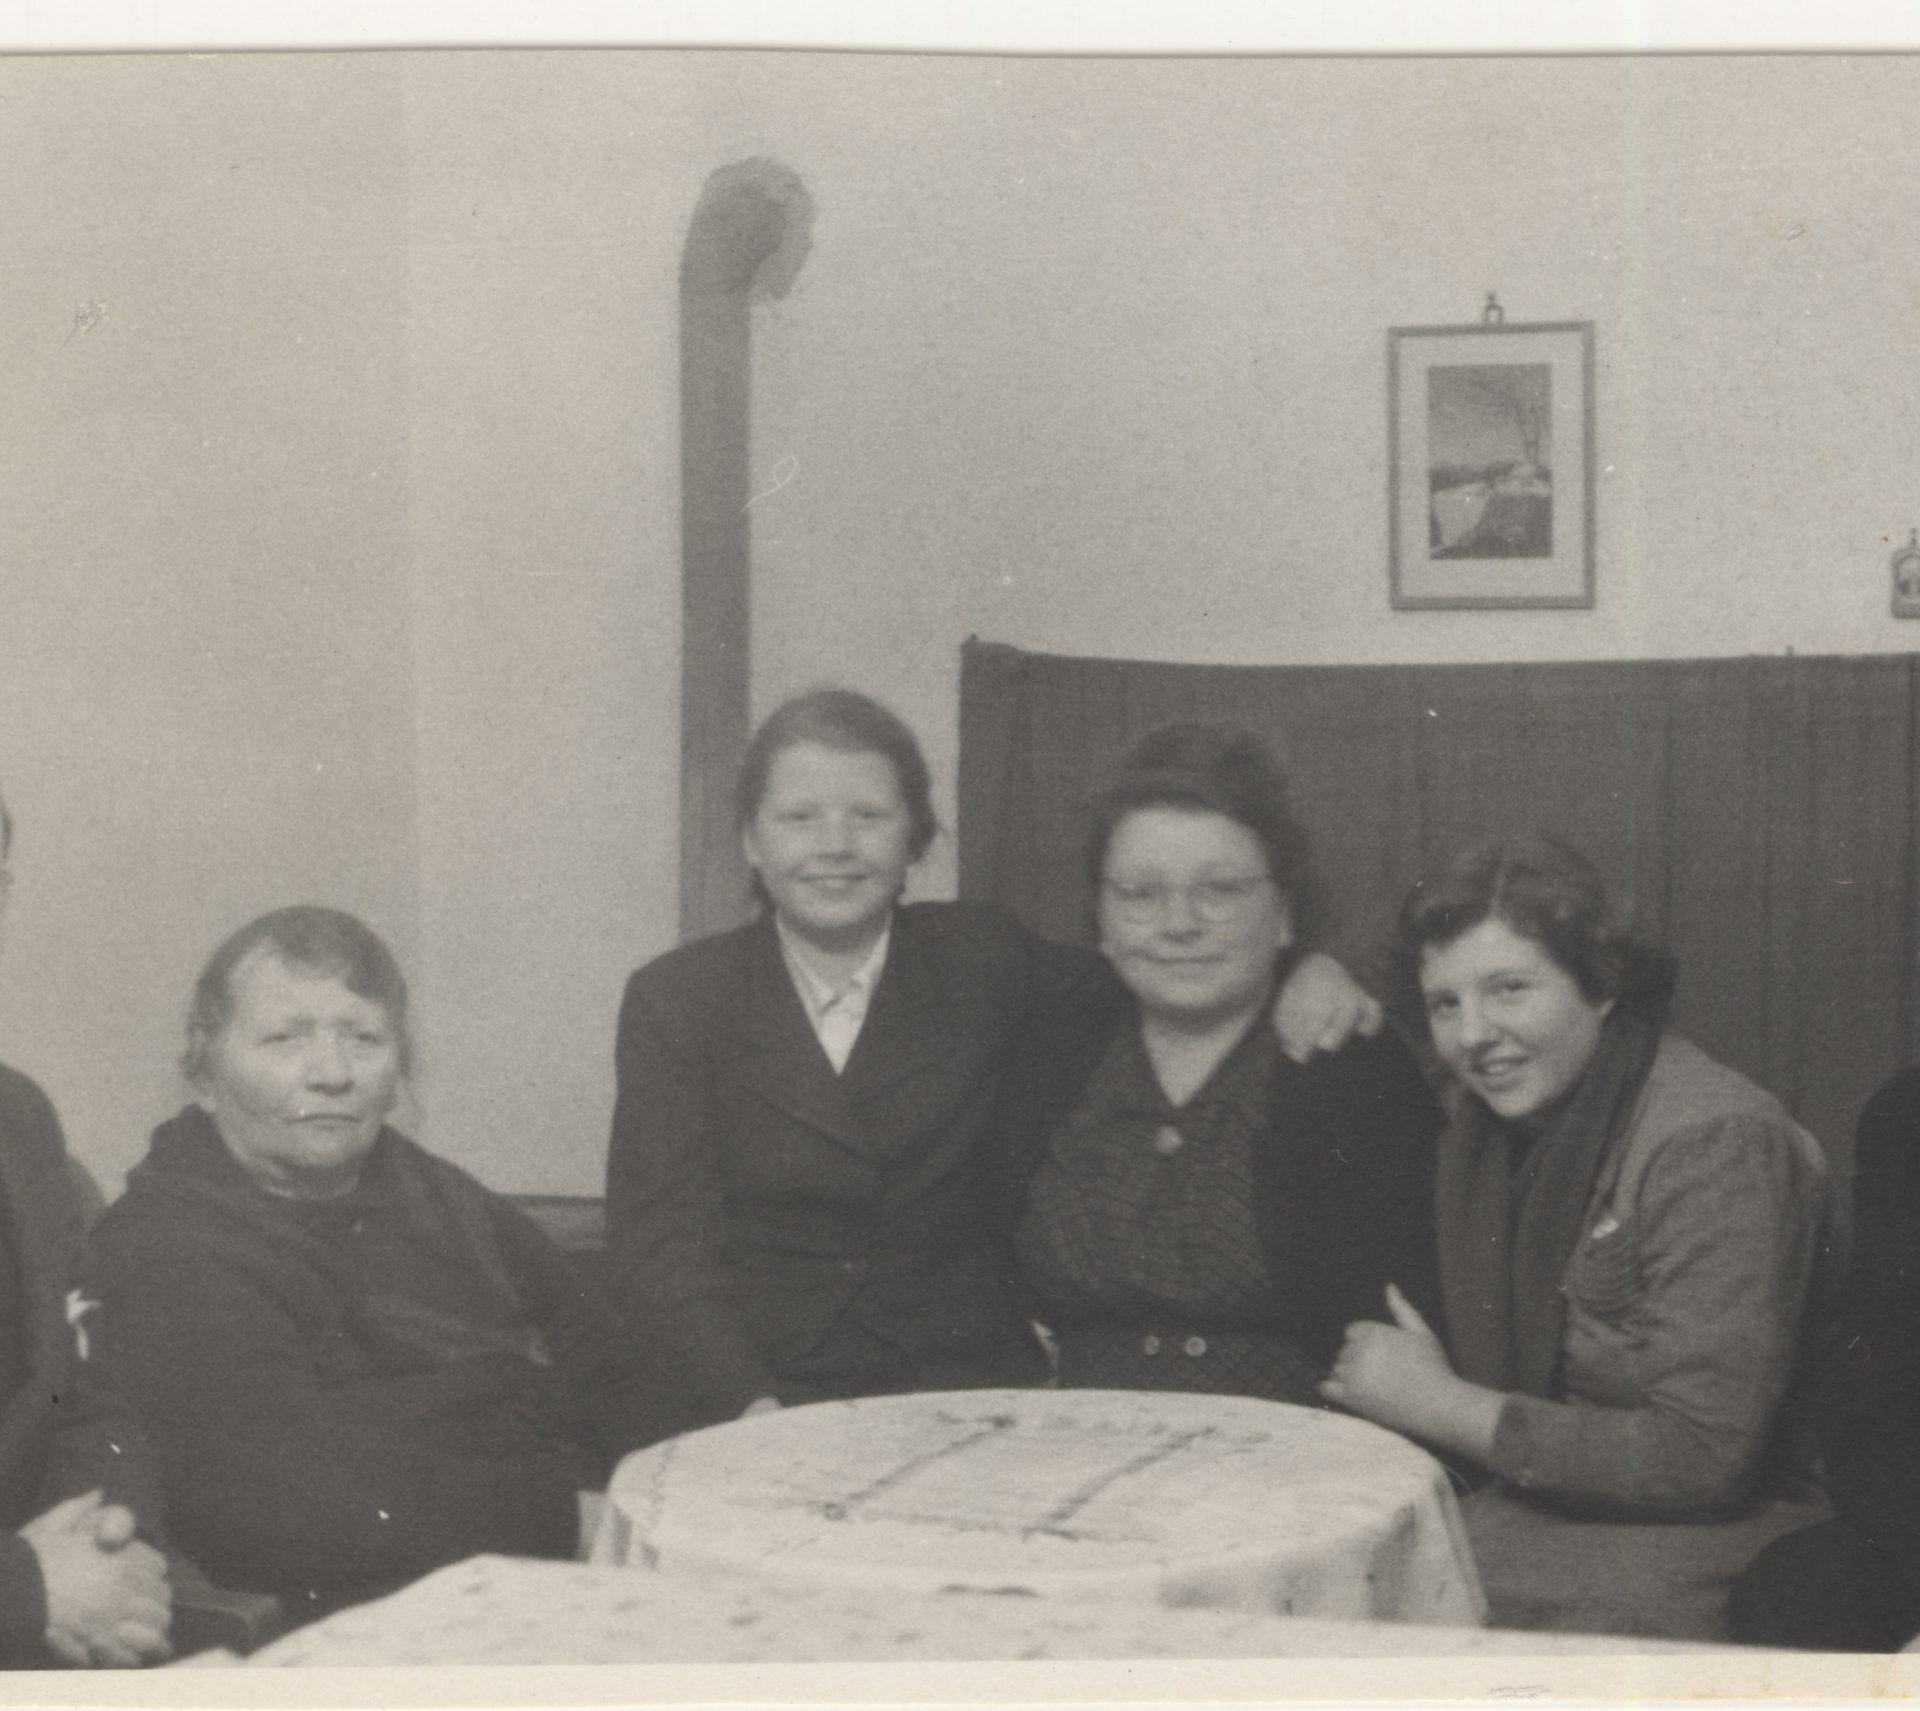 Sur cette photo prise à Berlin avant leur immigration au Canada, Herbert est complètement à gauche, et Karen est la troisième à partir de la gauche.